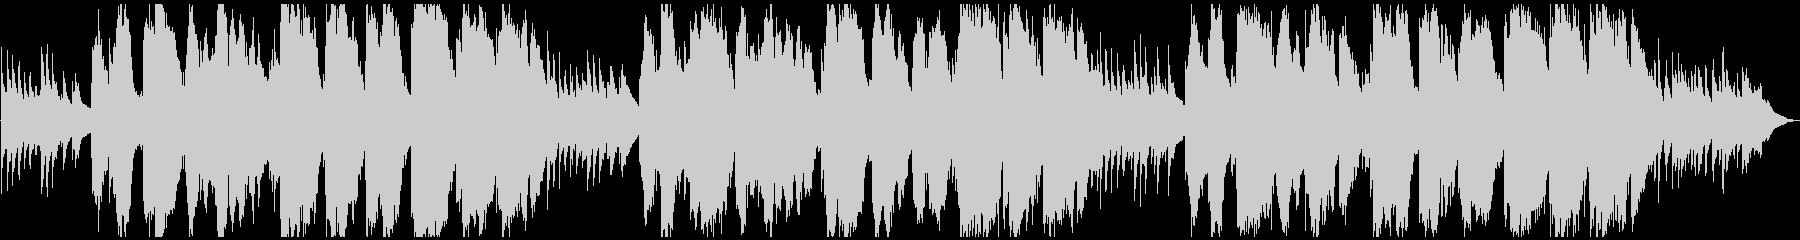 サックスのクラシックなクリスマスキャロルの未再生の波形